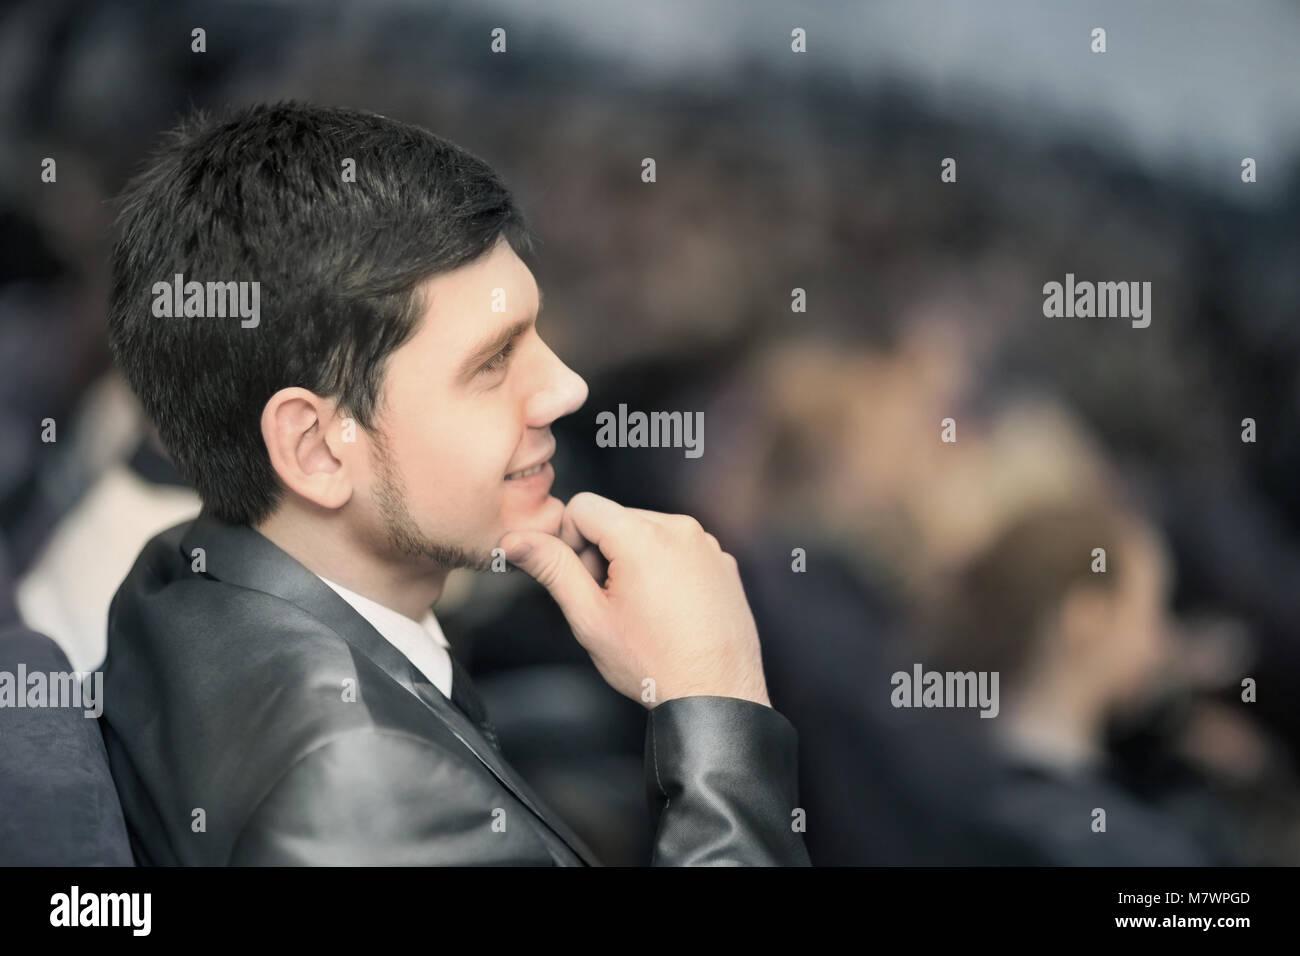 Erfolgreiche Unternehmer sitzen hinten an die Business Conference. Stockfoto